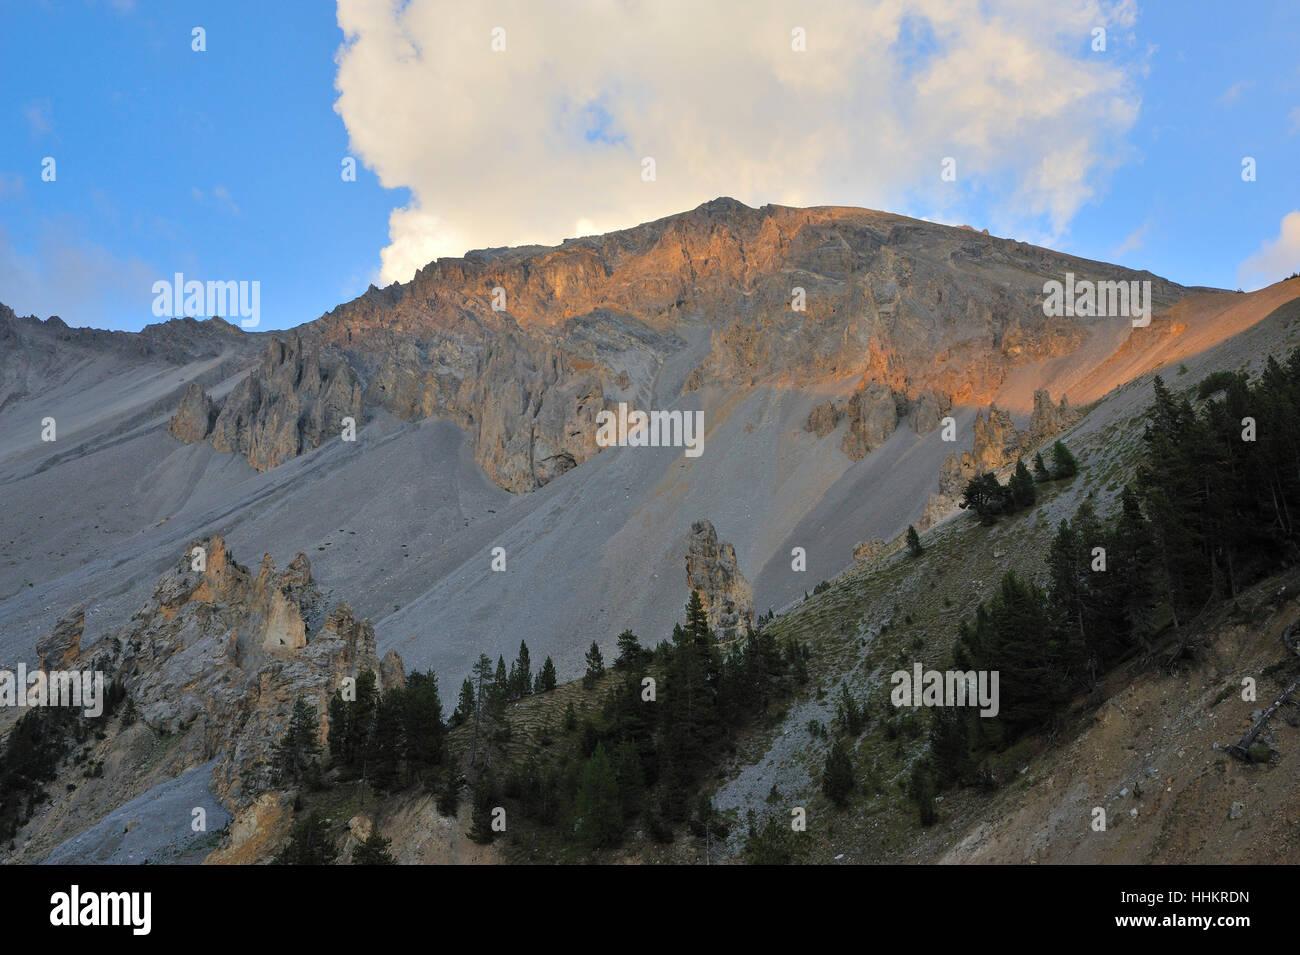 Alpes, France, l'érosion, coucher de soleil, les intempéries, les montagnes, le coucher du soleil, Photo Stock